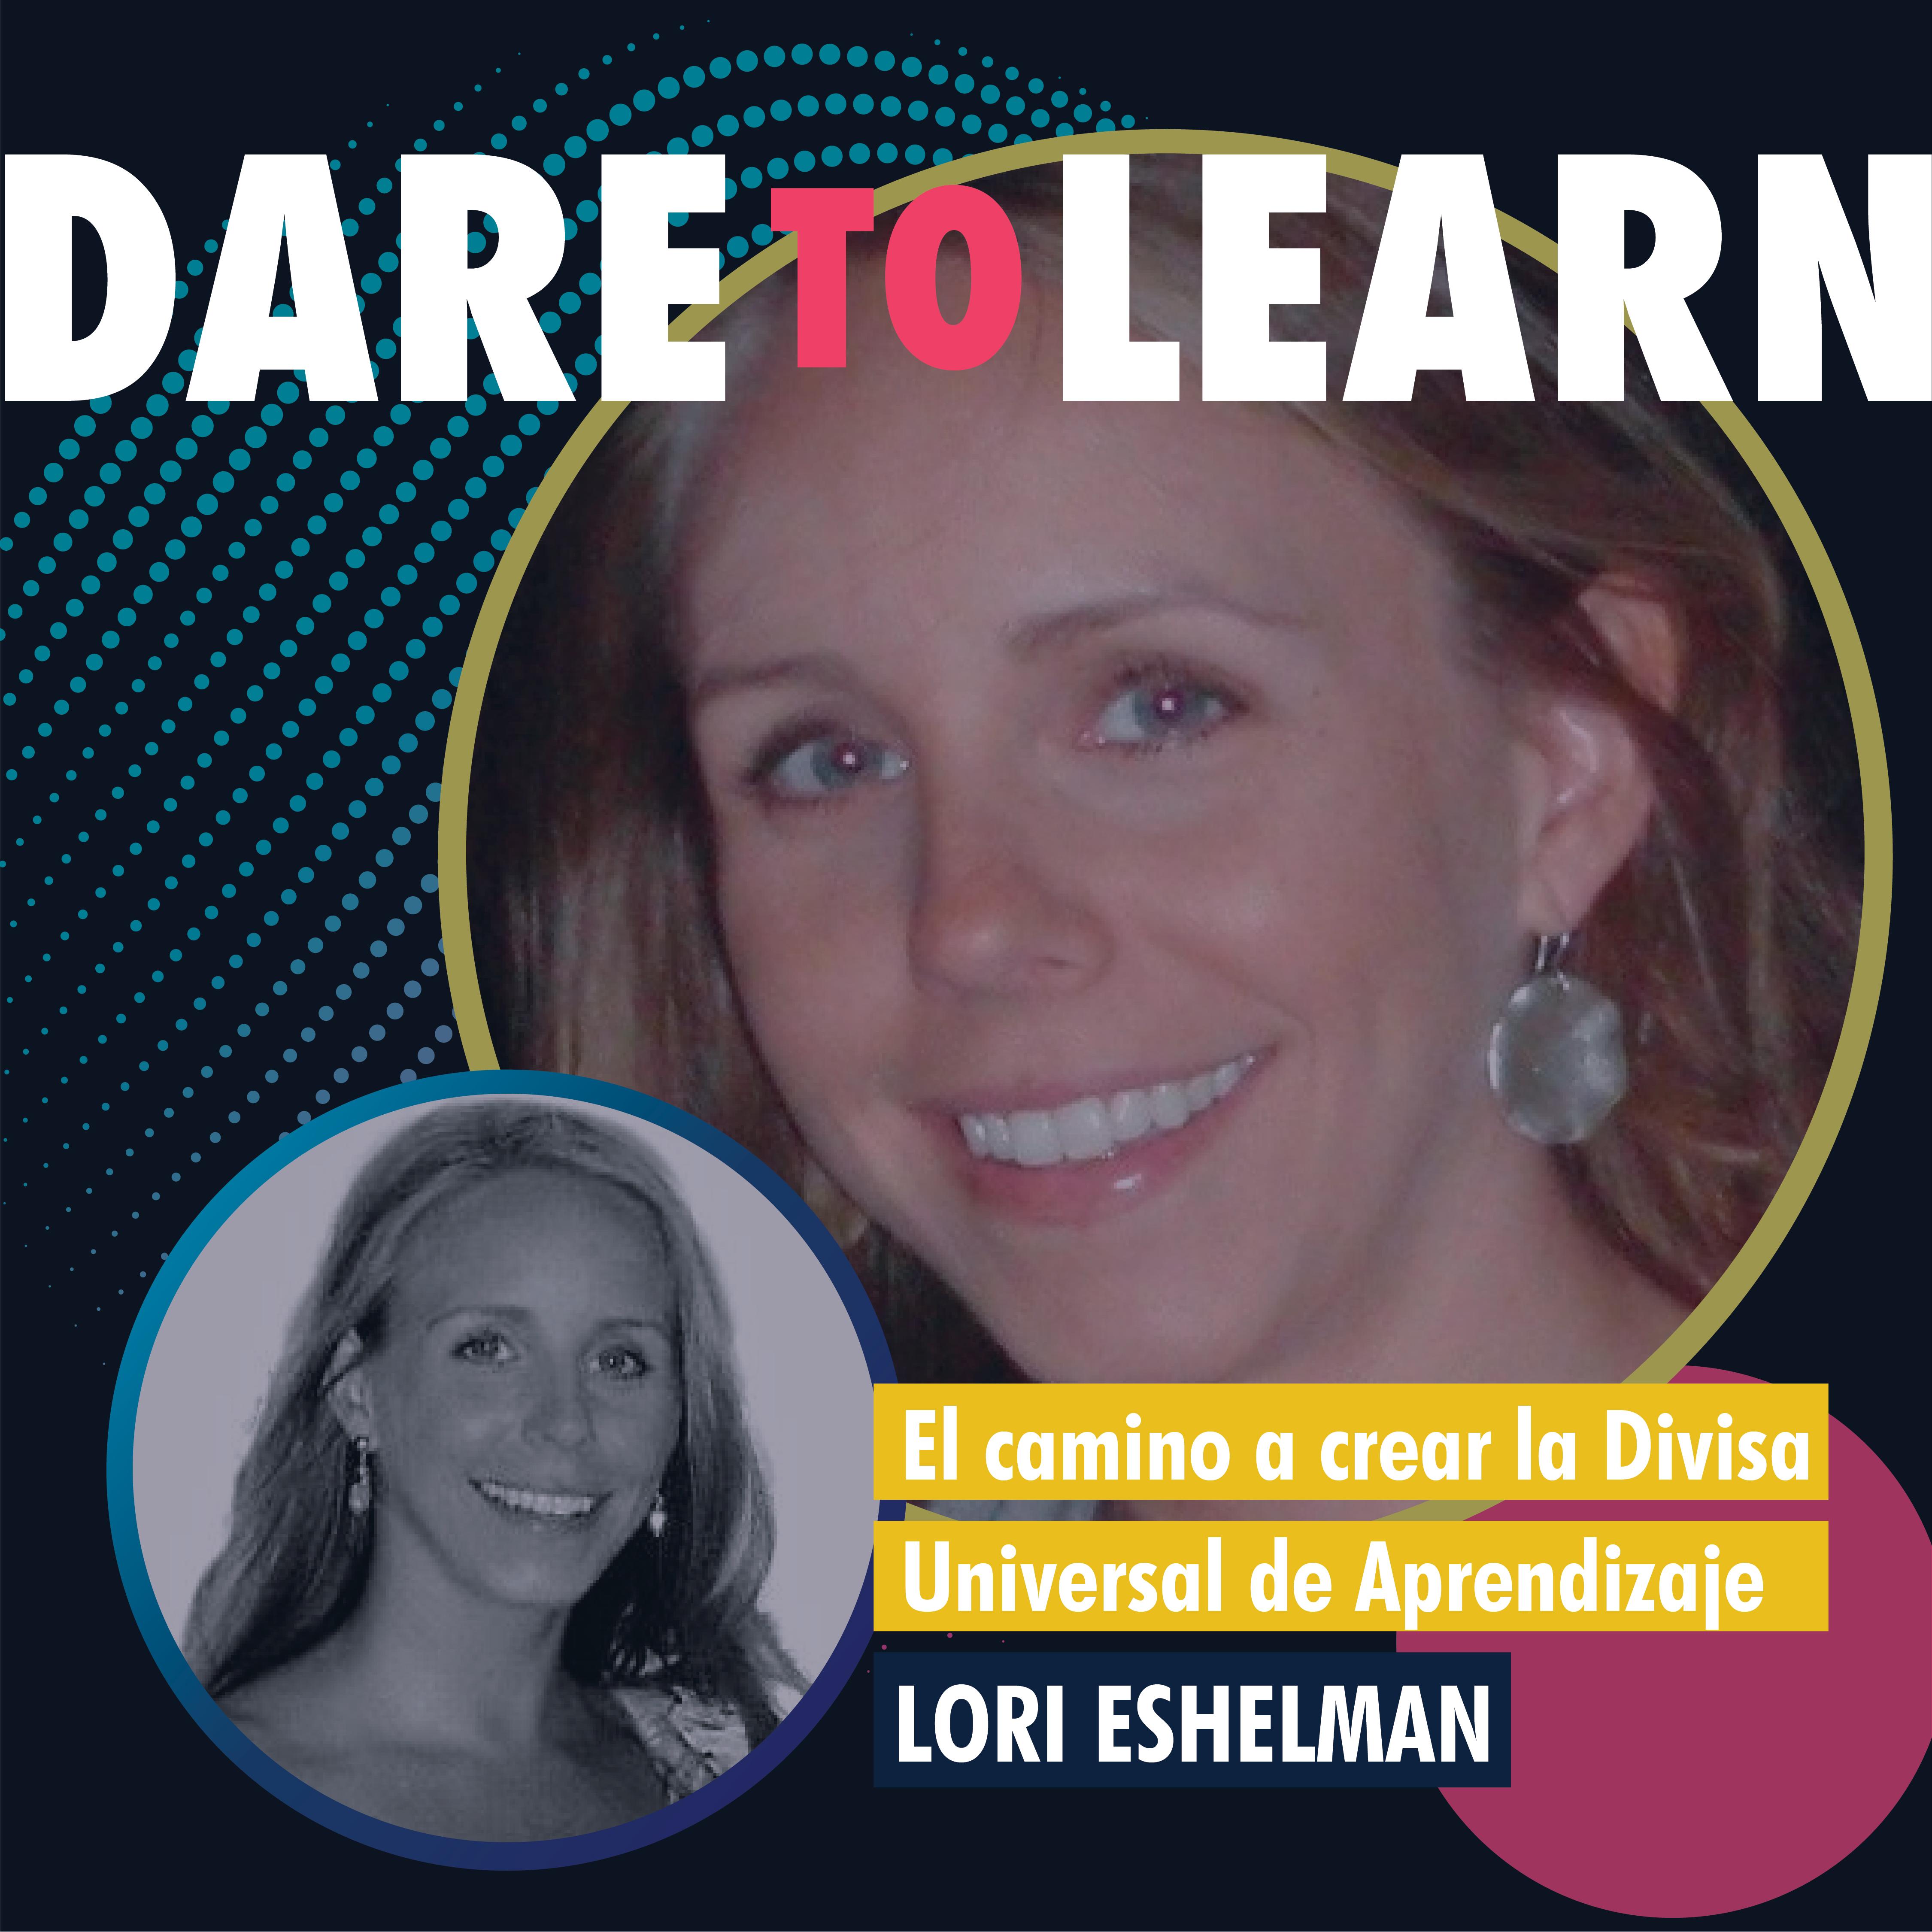 Lori Eshelman– El camino a crear la Divisa Universal del Aprendizaje.